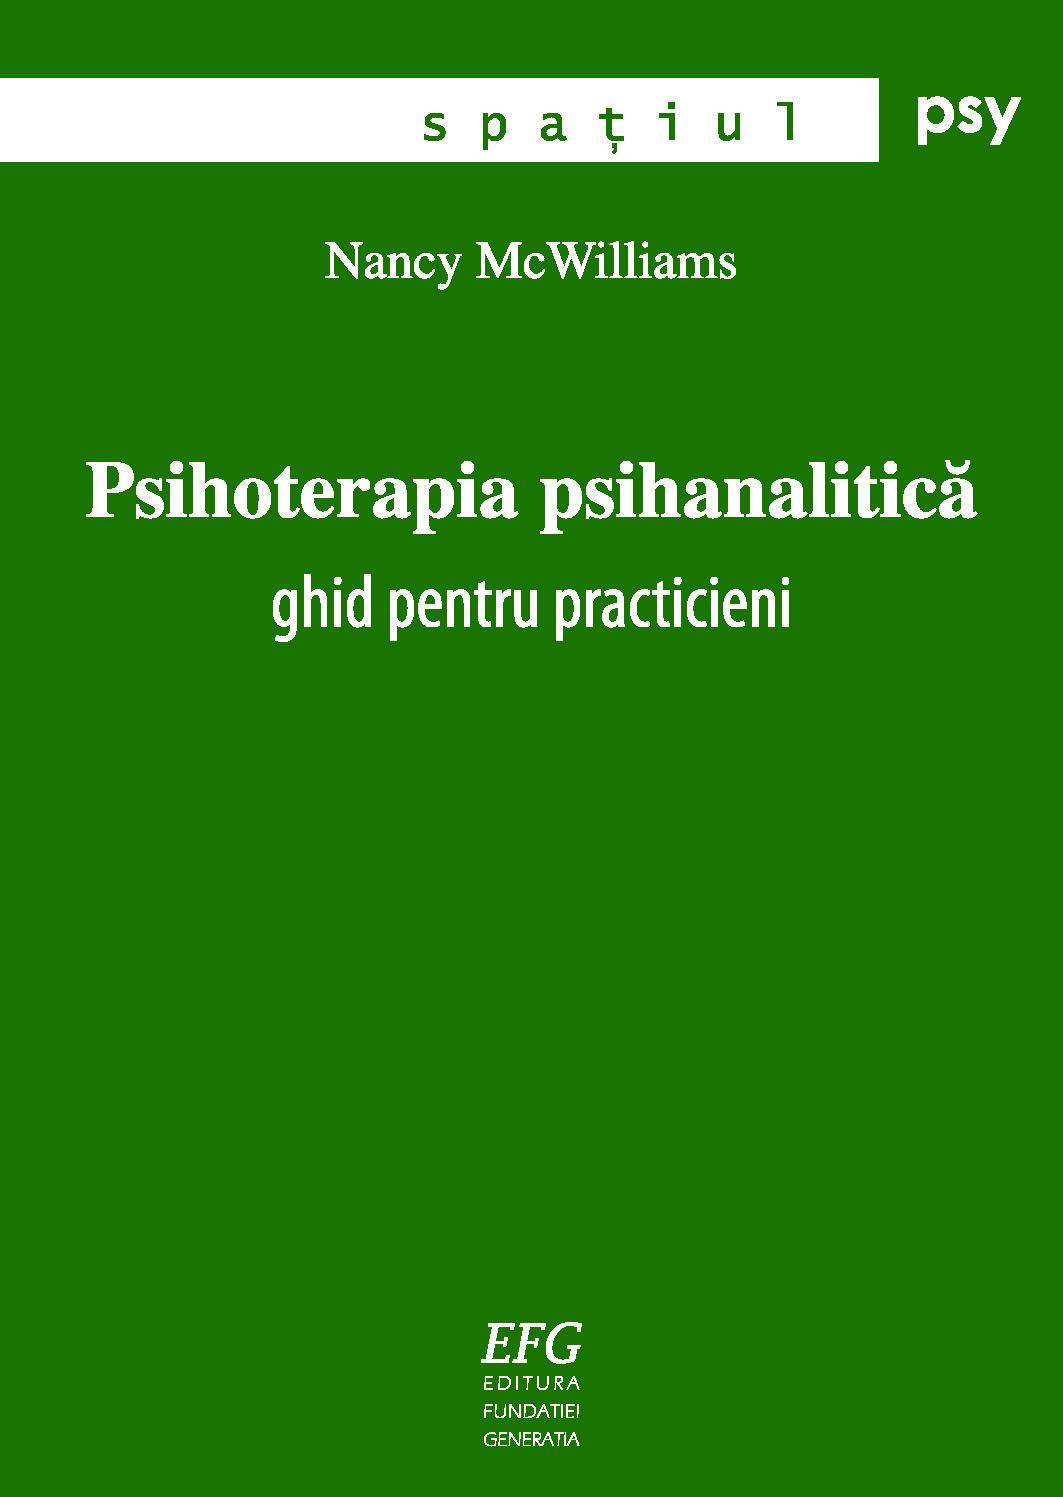 Psihoterapia psihanalitică: Ghid pentru practicieni